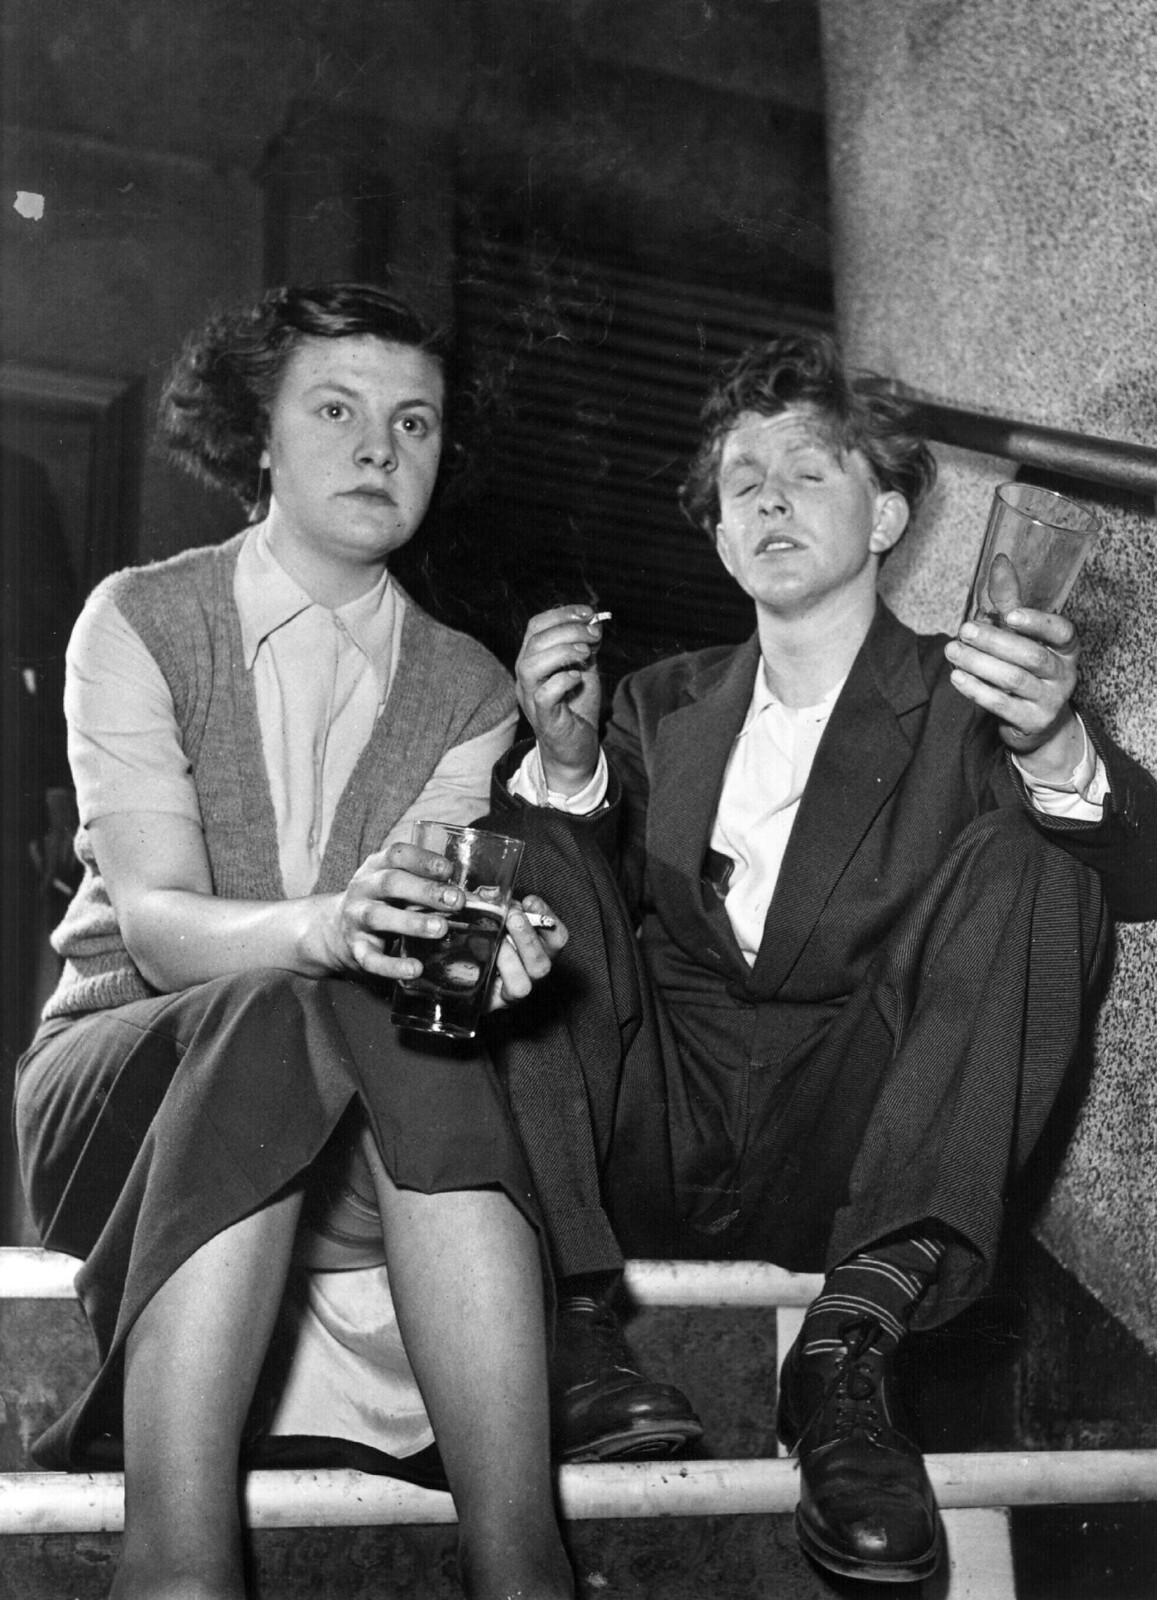 08. Молодая пара наслаждается джазом и выпивает в лондонском дворце Хаммерсмит